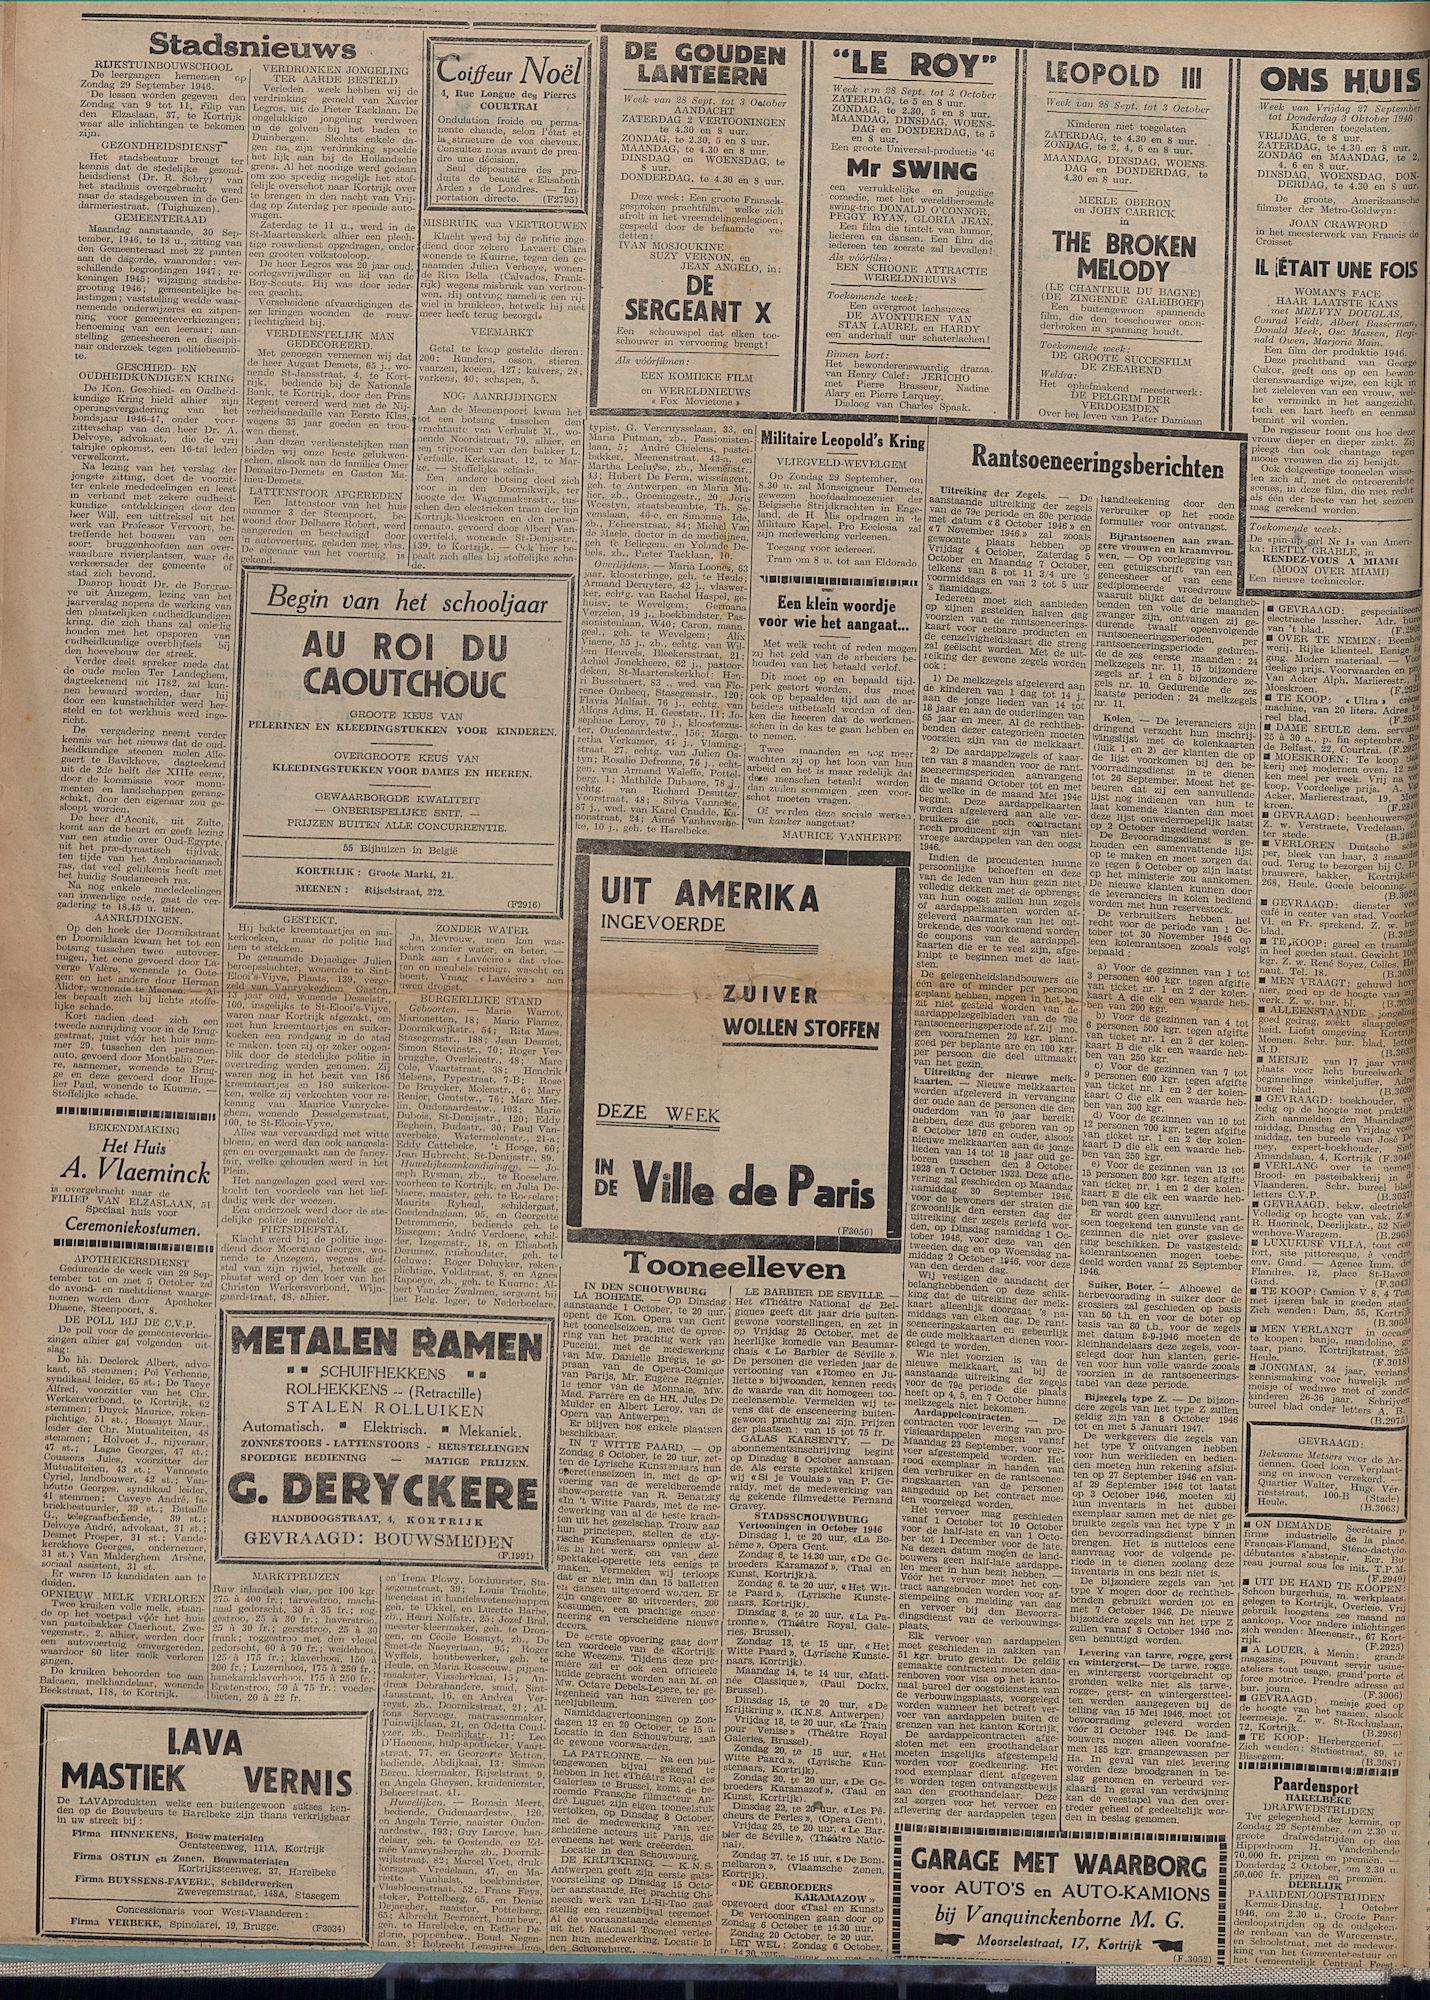 Kortrijksch Handelsblad 27 september 1946 Nr78 p2